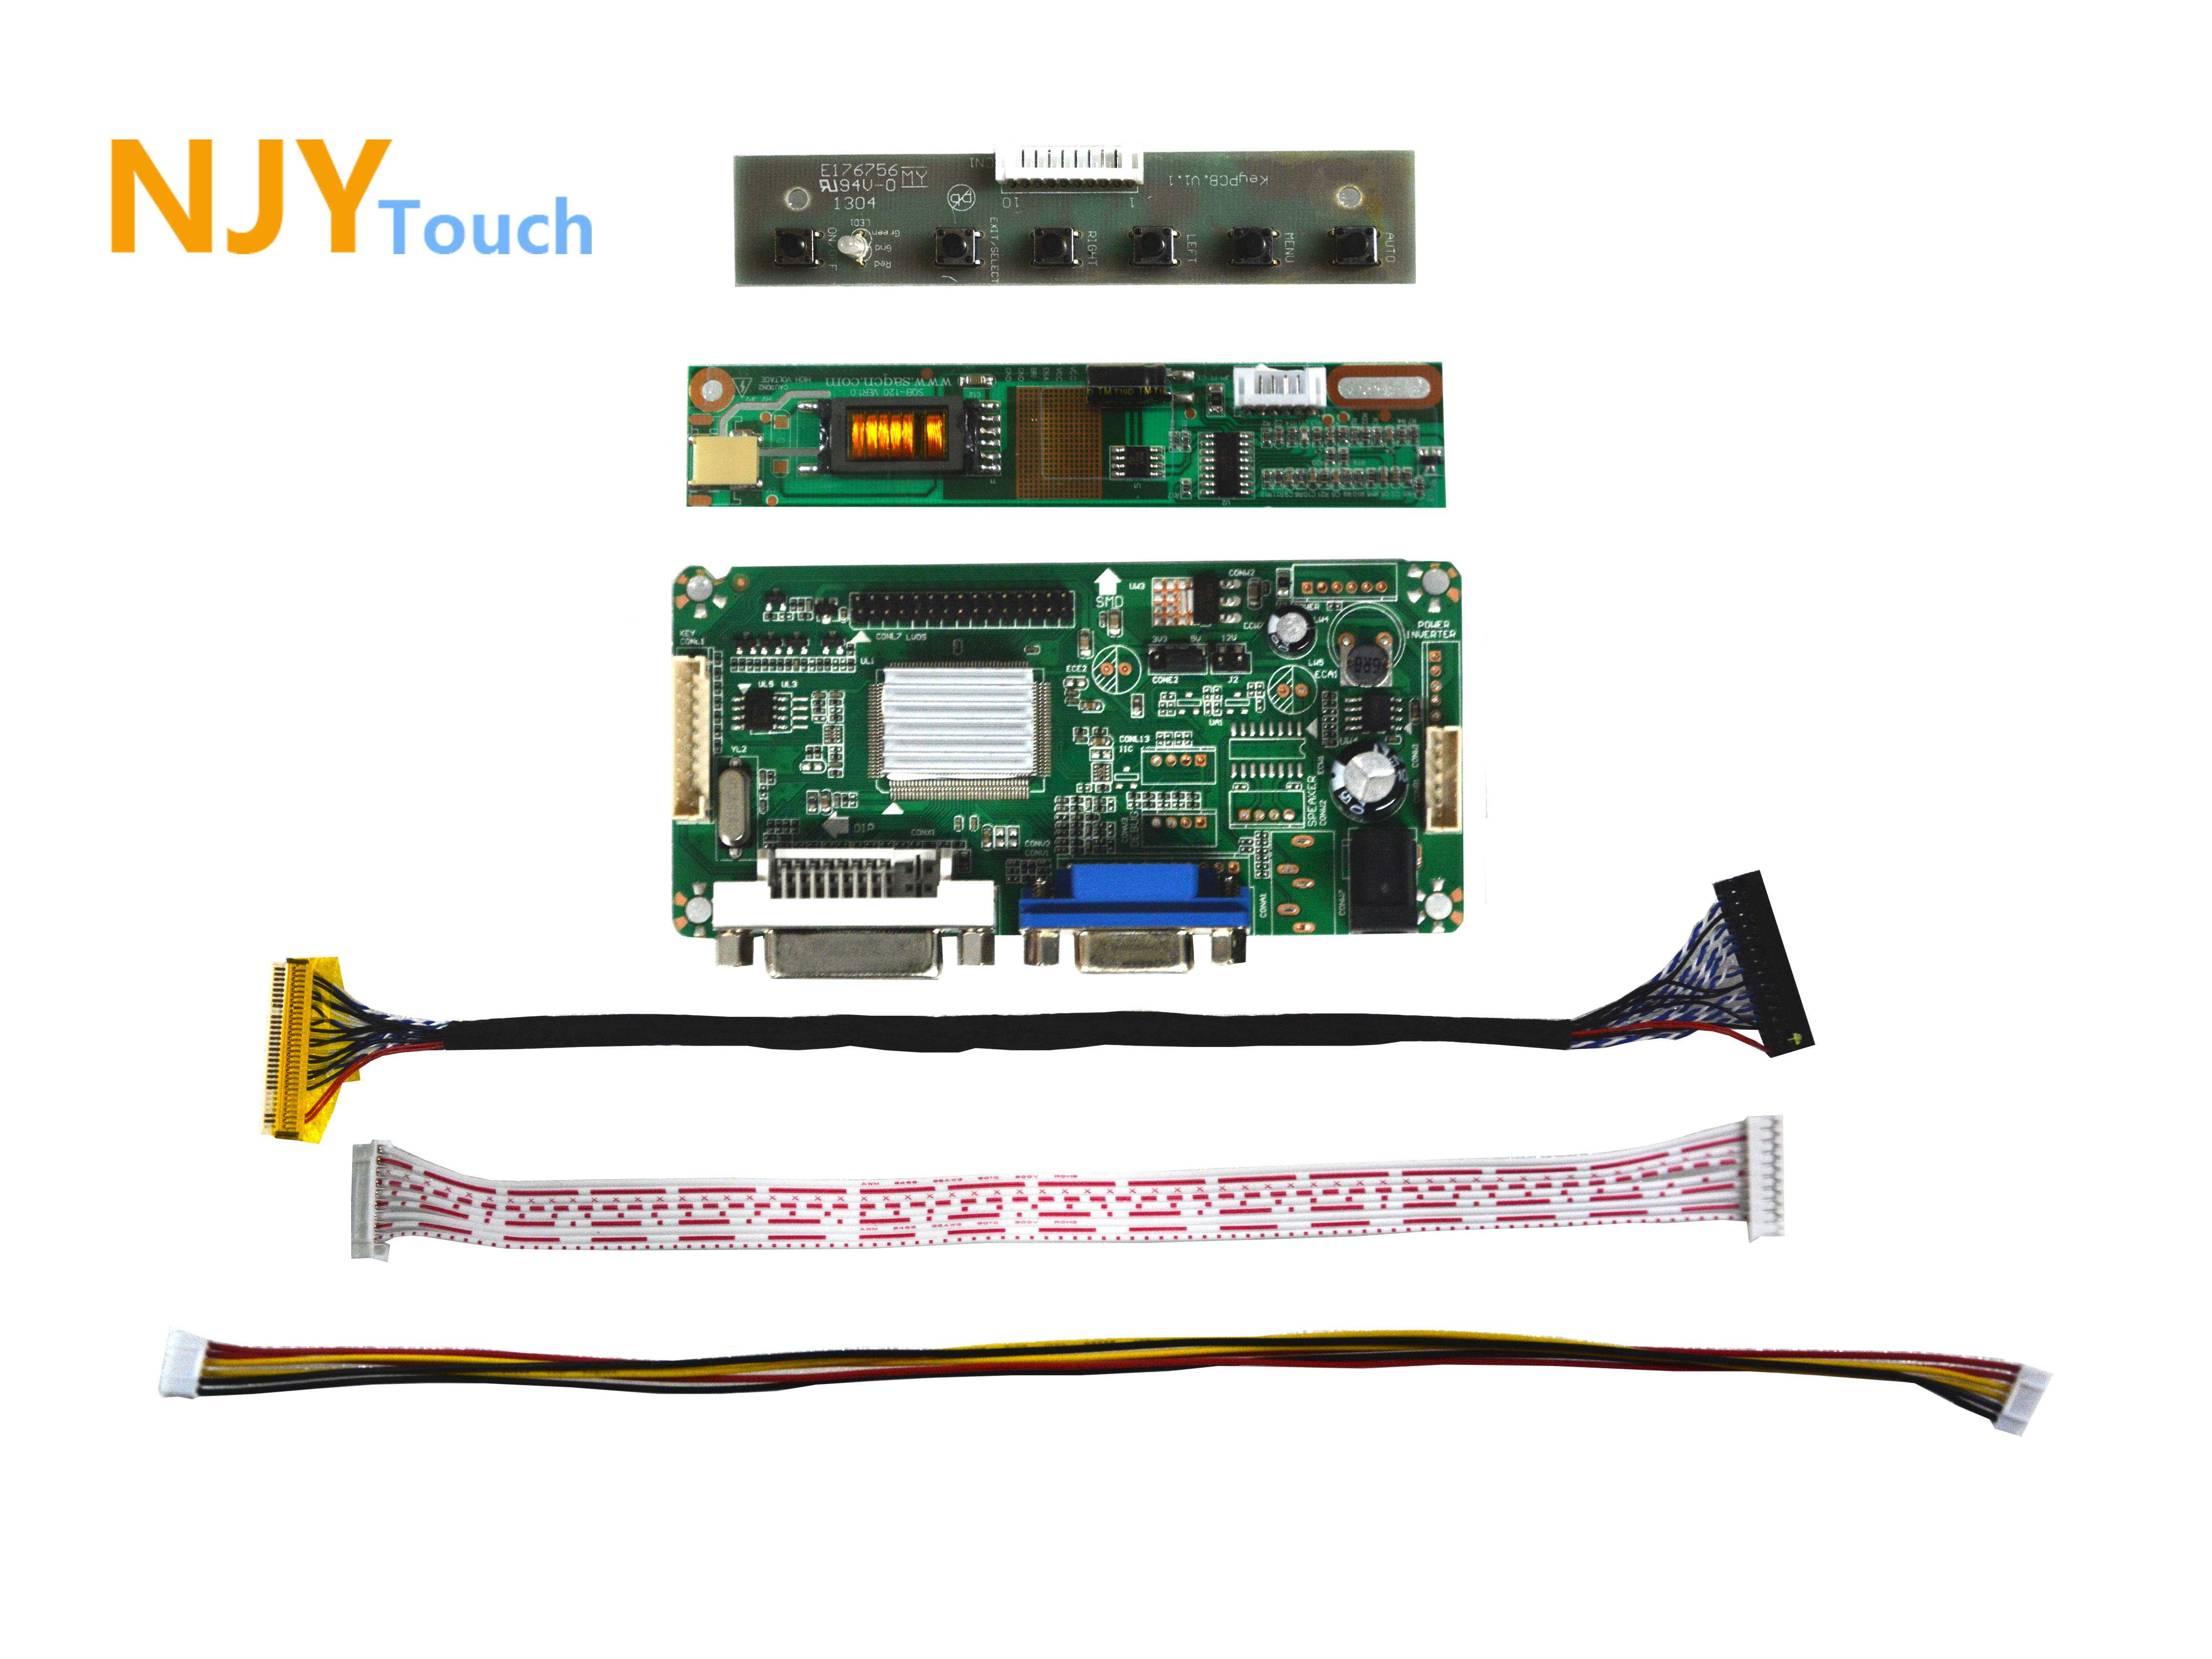 NJYTouch LM.R61 DVI VGA LCD Controller Driver Board For 17inch LTN170X2-L02 LTN170X3-L01 1440x900 LCD Screen